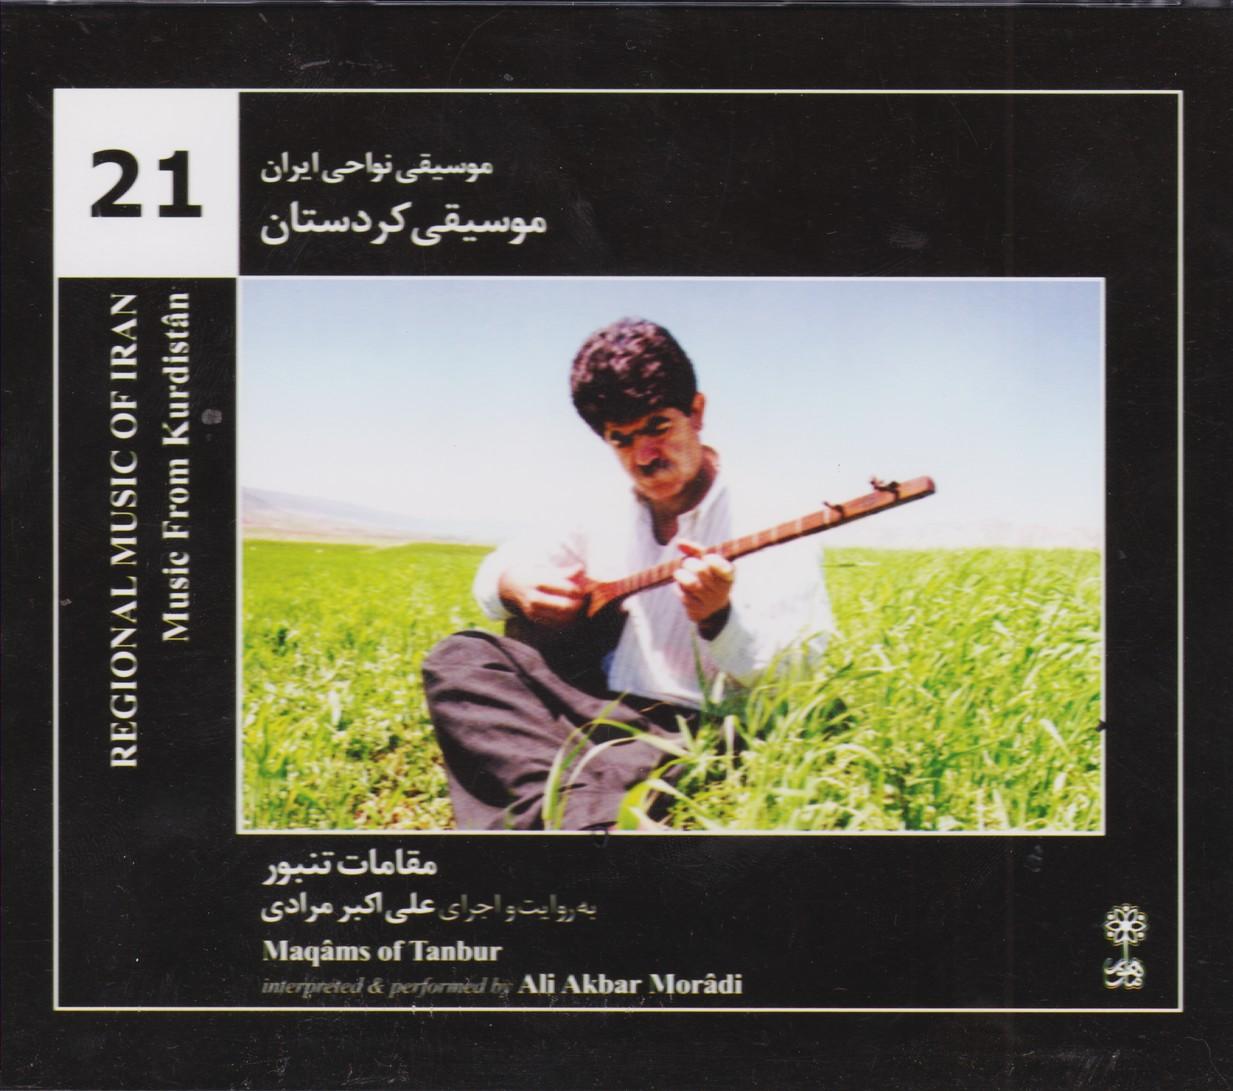 موسیقی نواحی ایران 21 (موسیقی کردستان)